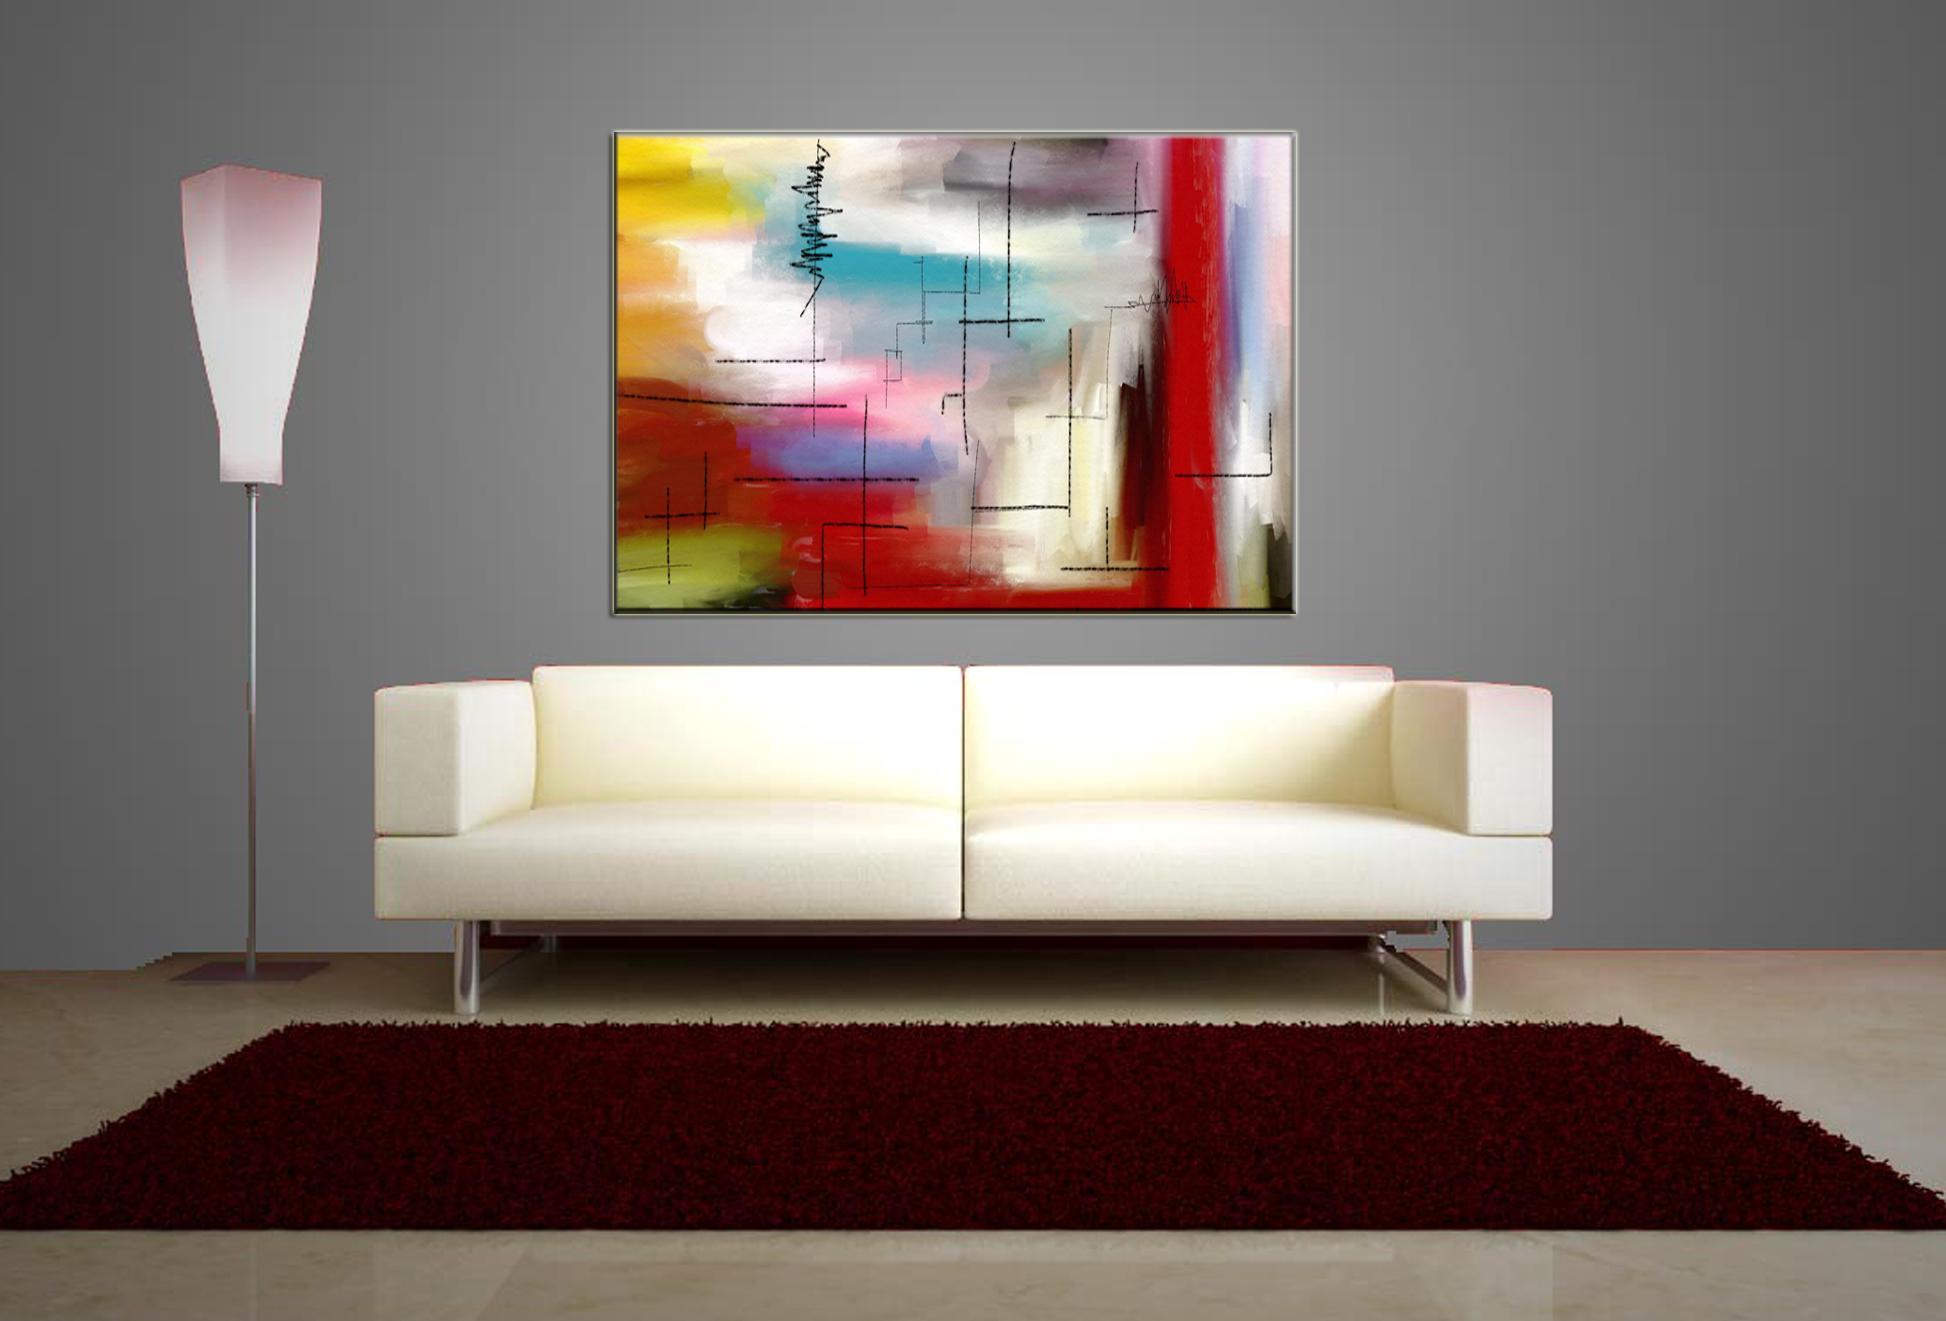 Quadri da soggiorno quadri da soggiorno with quadri da for Detrazione arredamento